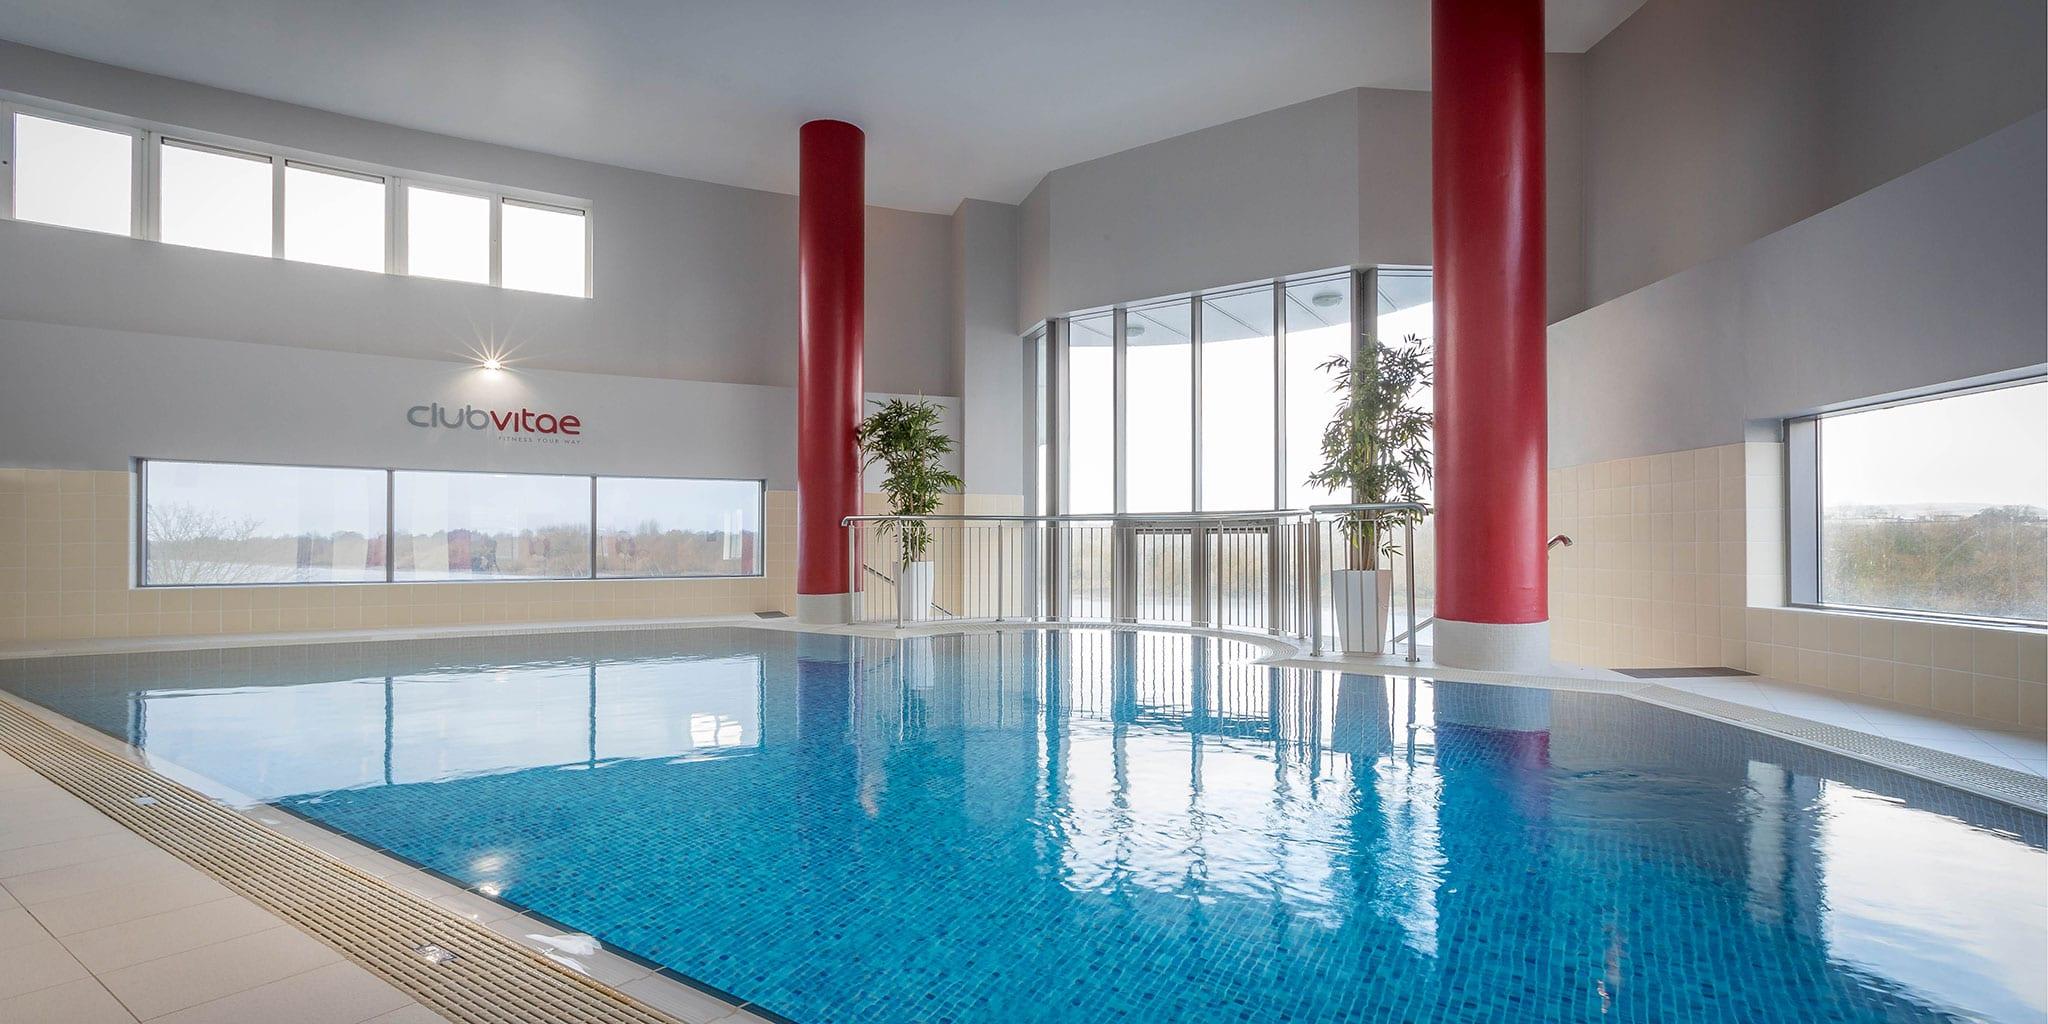 Pool-Club-Vitae-Limerick